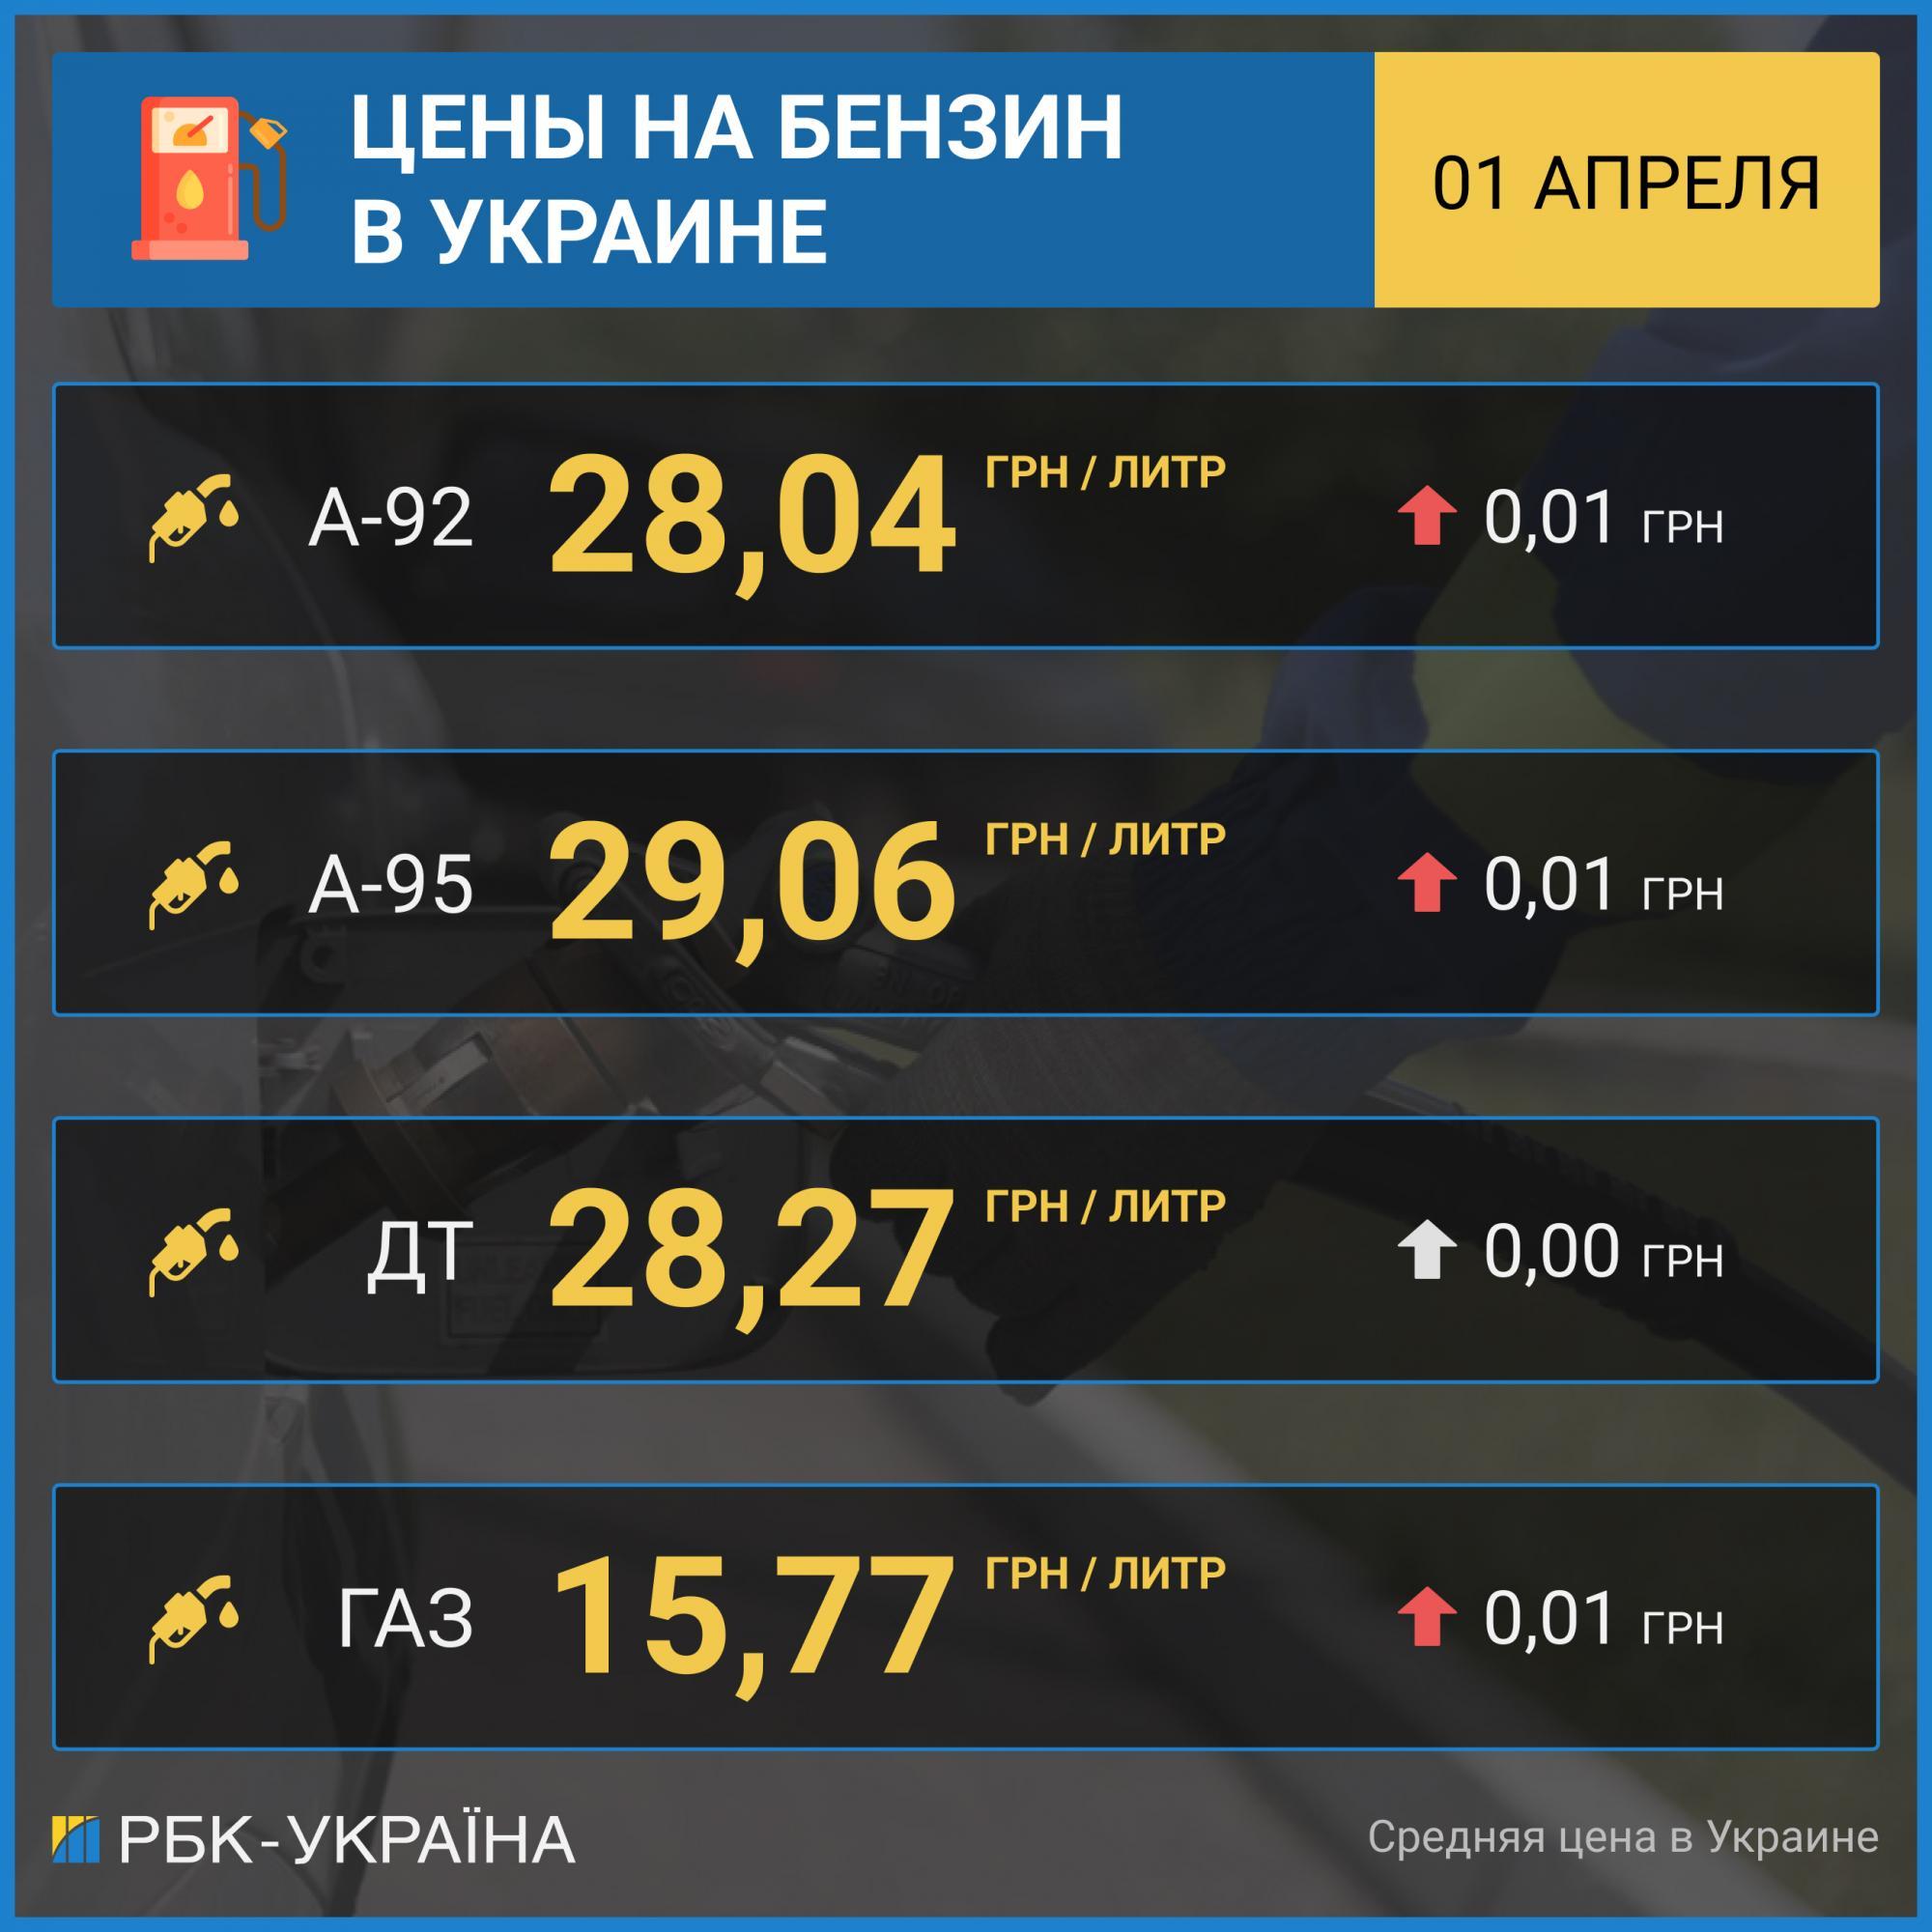 Ціни на бензин в Україні продовжили зростання: скільки коштує паливо 1 квітня